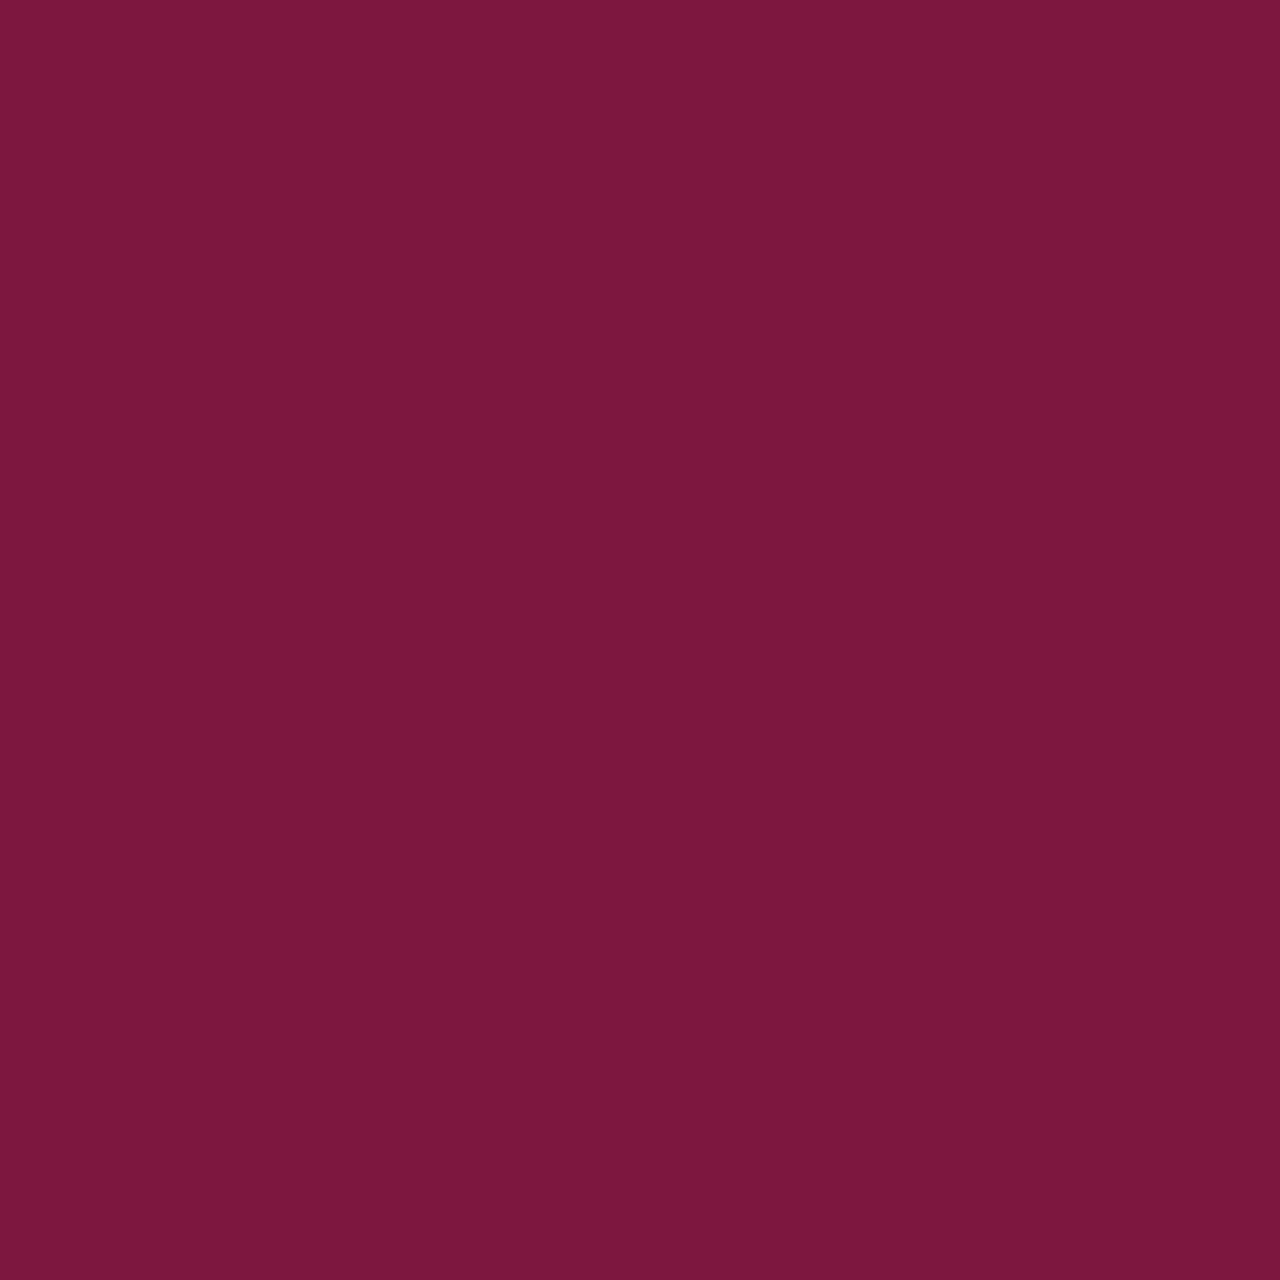 acid-burgundy-1280x1280.jpg